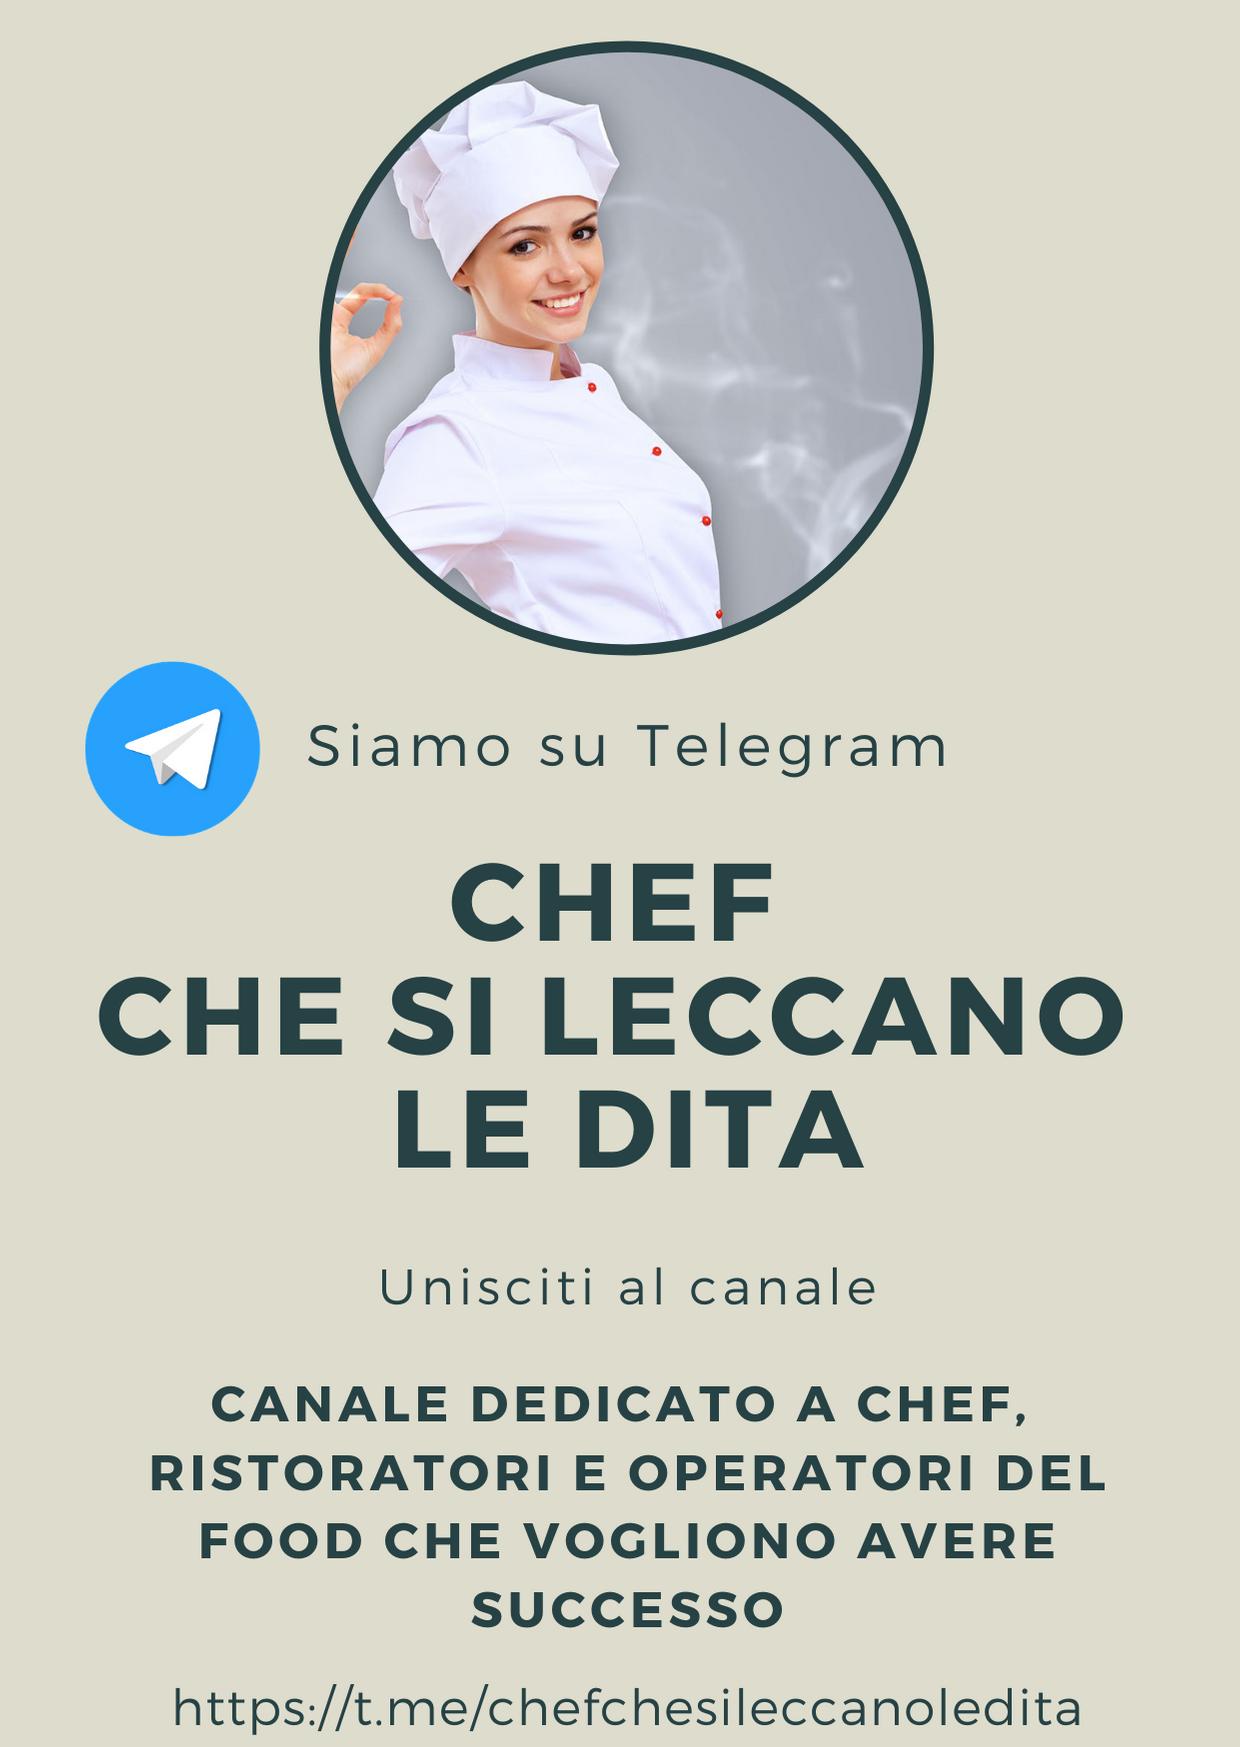 Chef che si leccano le dita: il canale telegram di Auxo